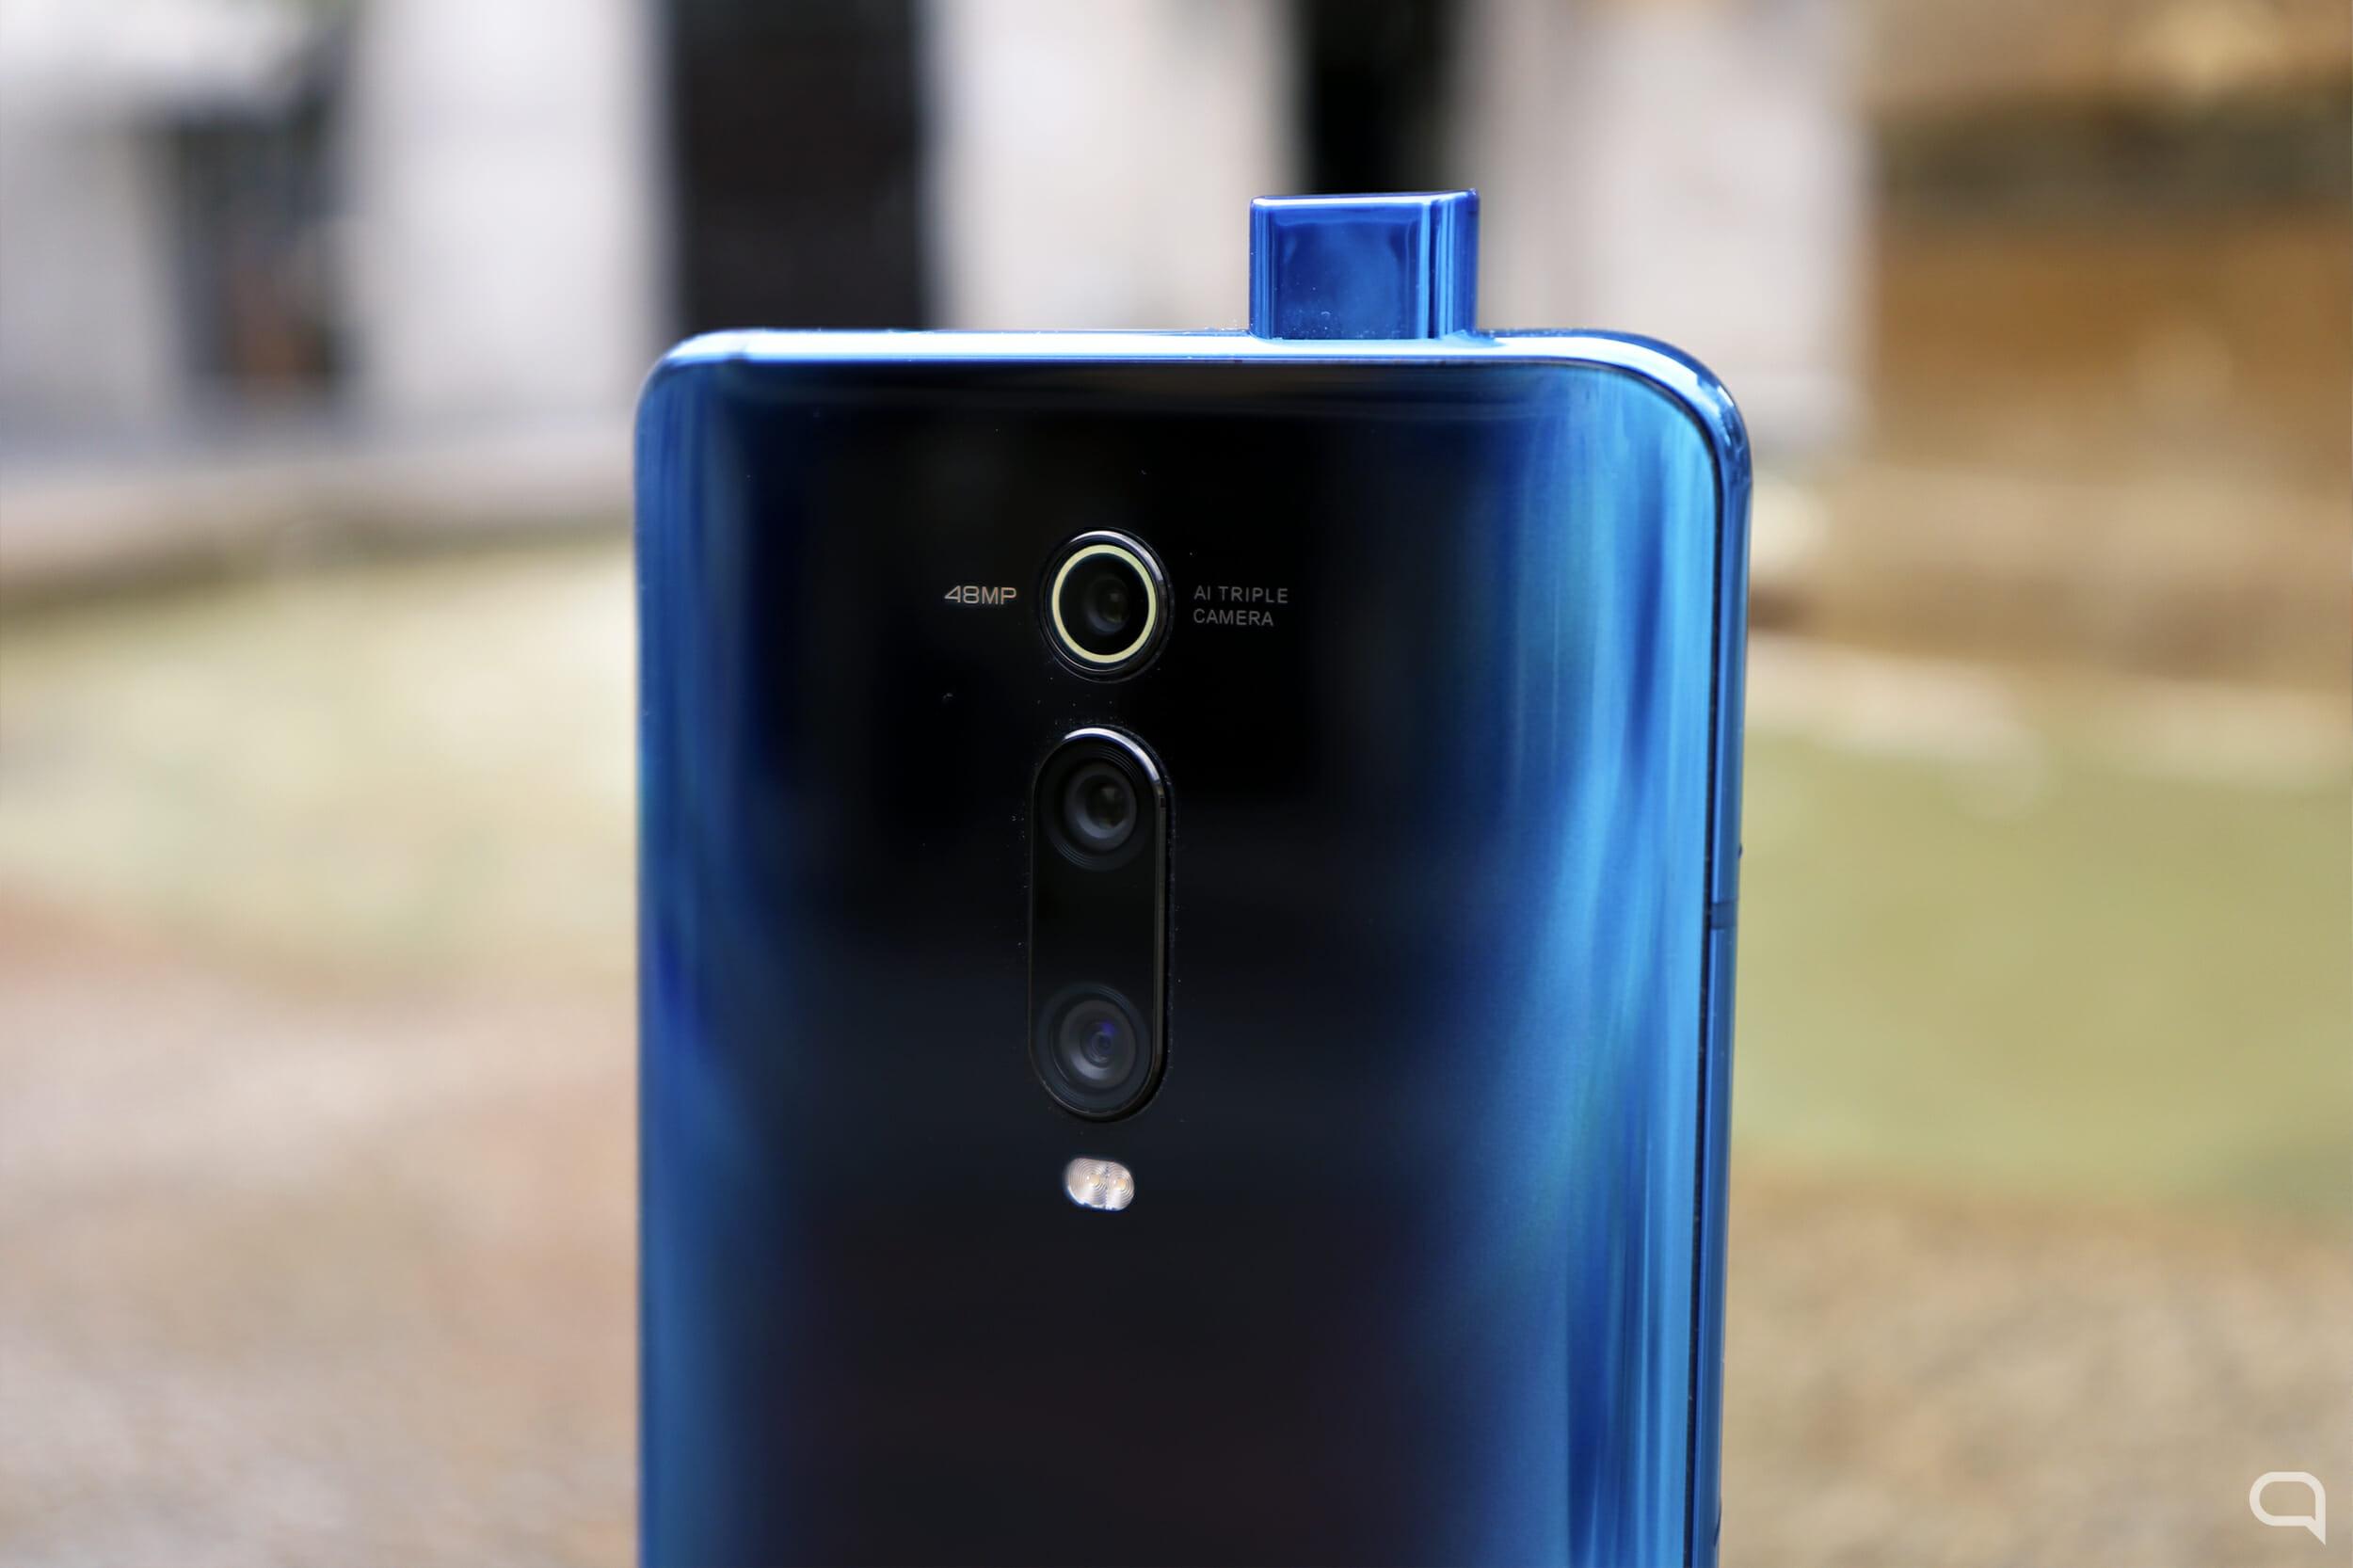 Das Xiaomi Mi 9T Pro, ein möglicher Ersatz für das Pocophone F1, ist bereits datiert 1